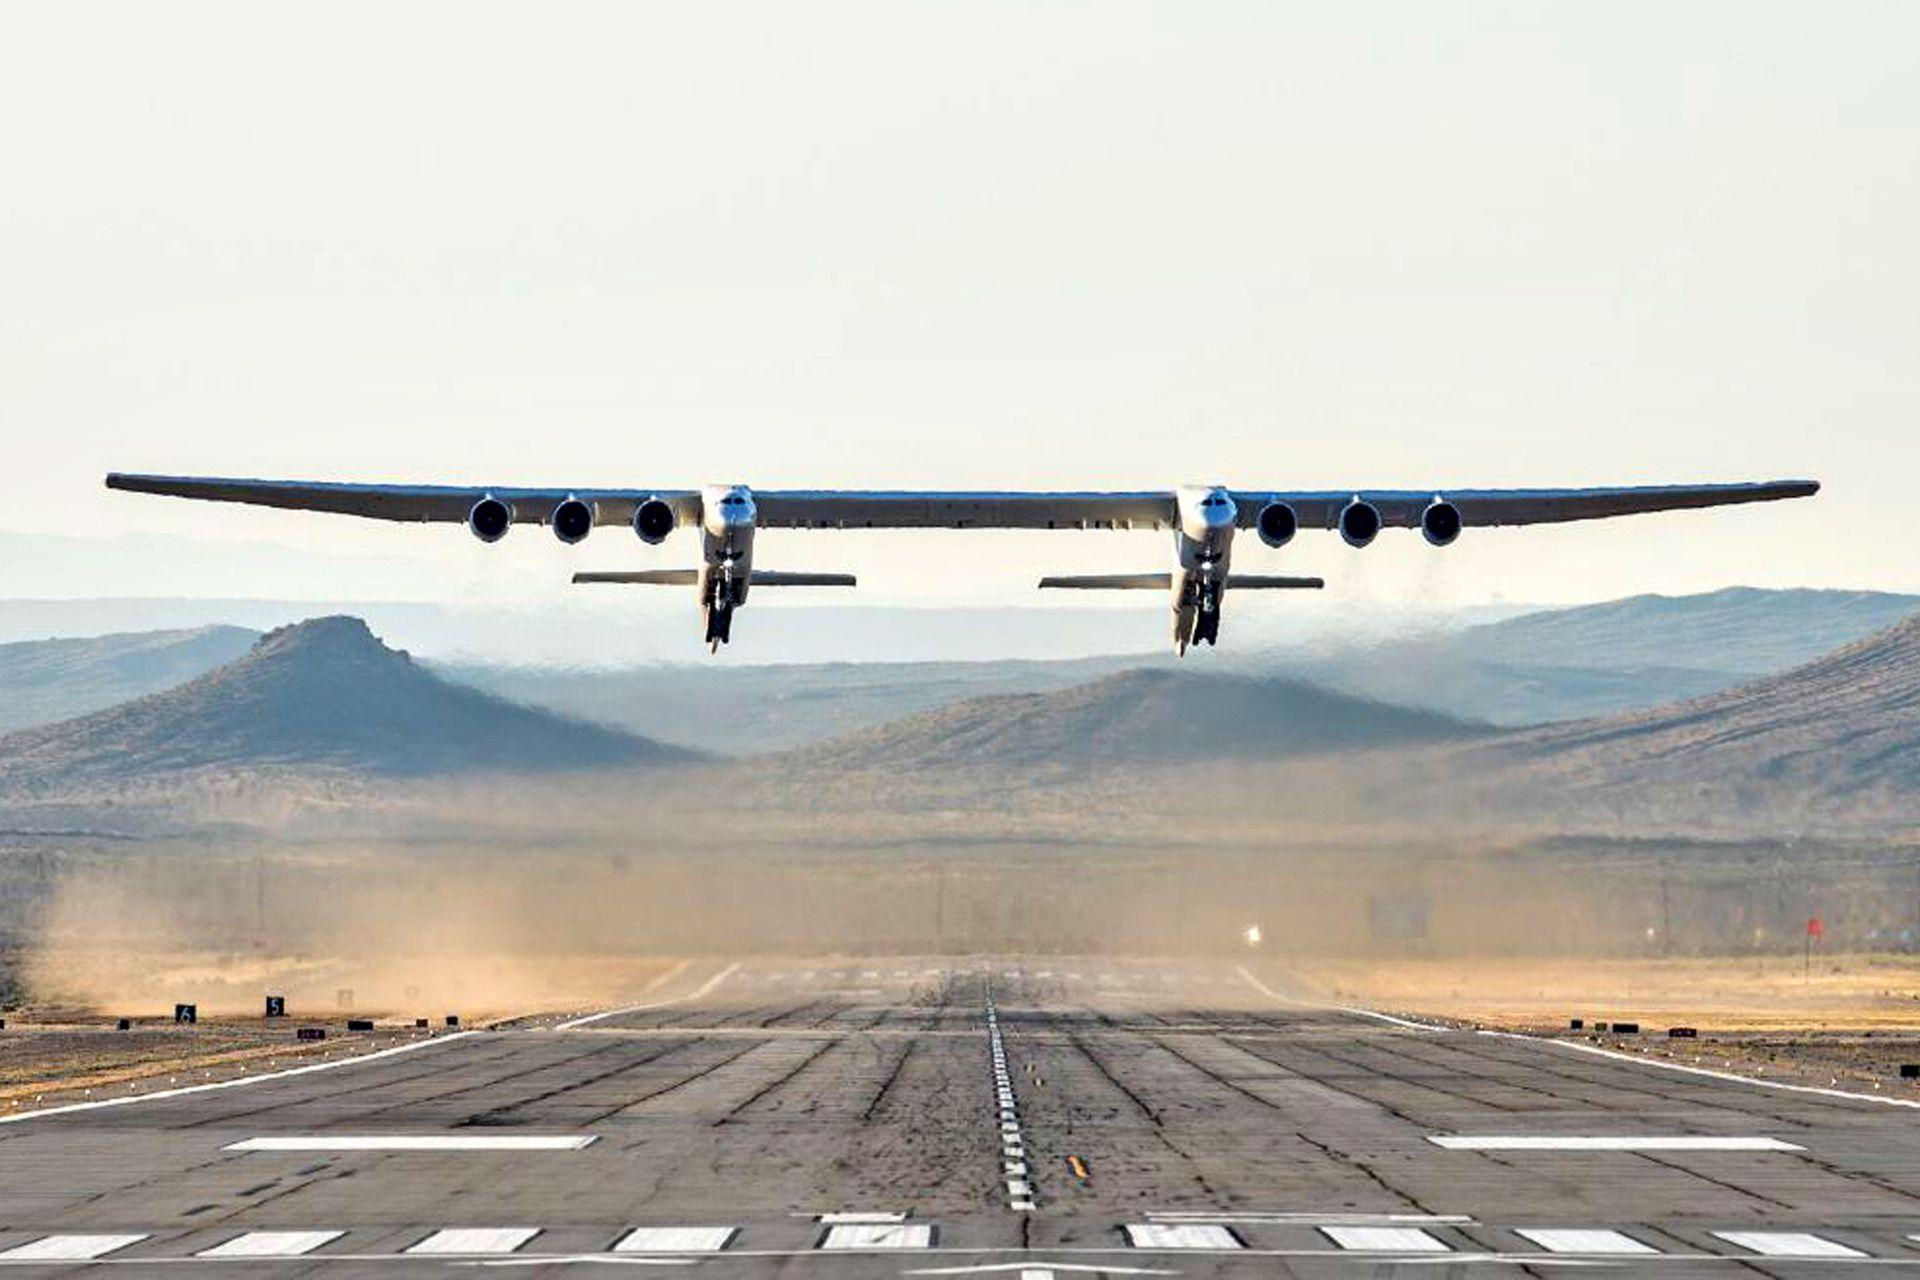 El extraño avión, construido por la legendaria compañía de ingeniería aeronáutica Scaled Composites en el desierto de Mojave, tiene dos fuselajes y está alimentado por seis motores de Boeing 747